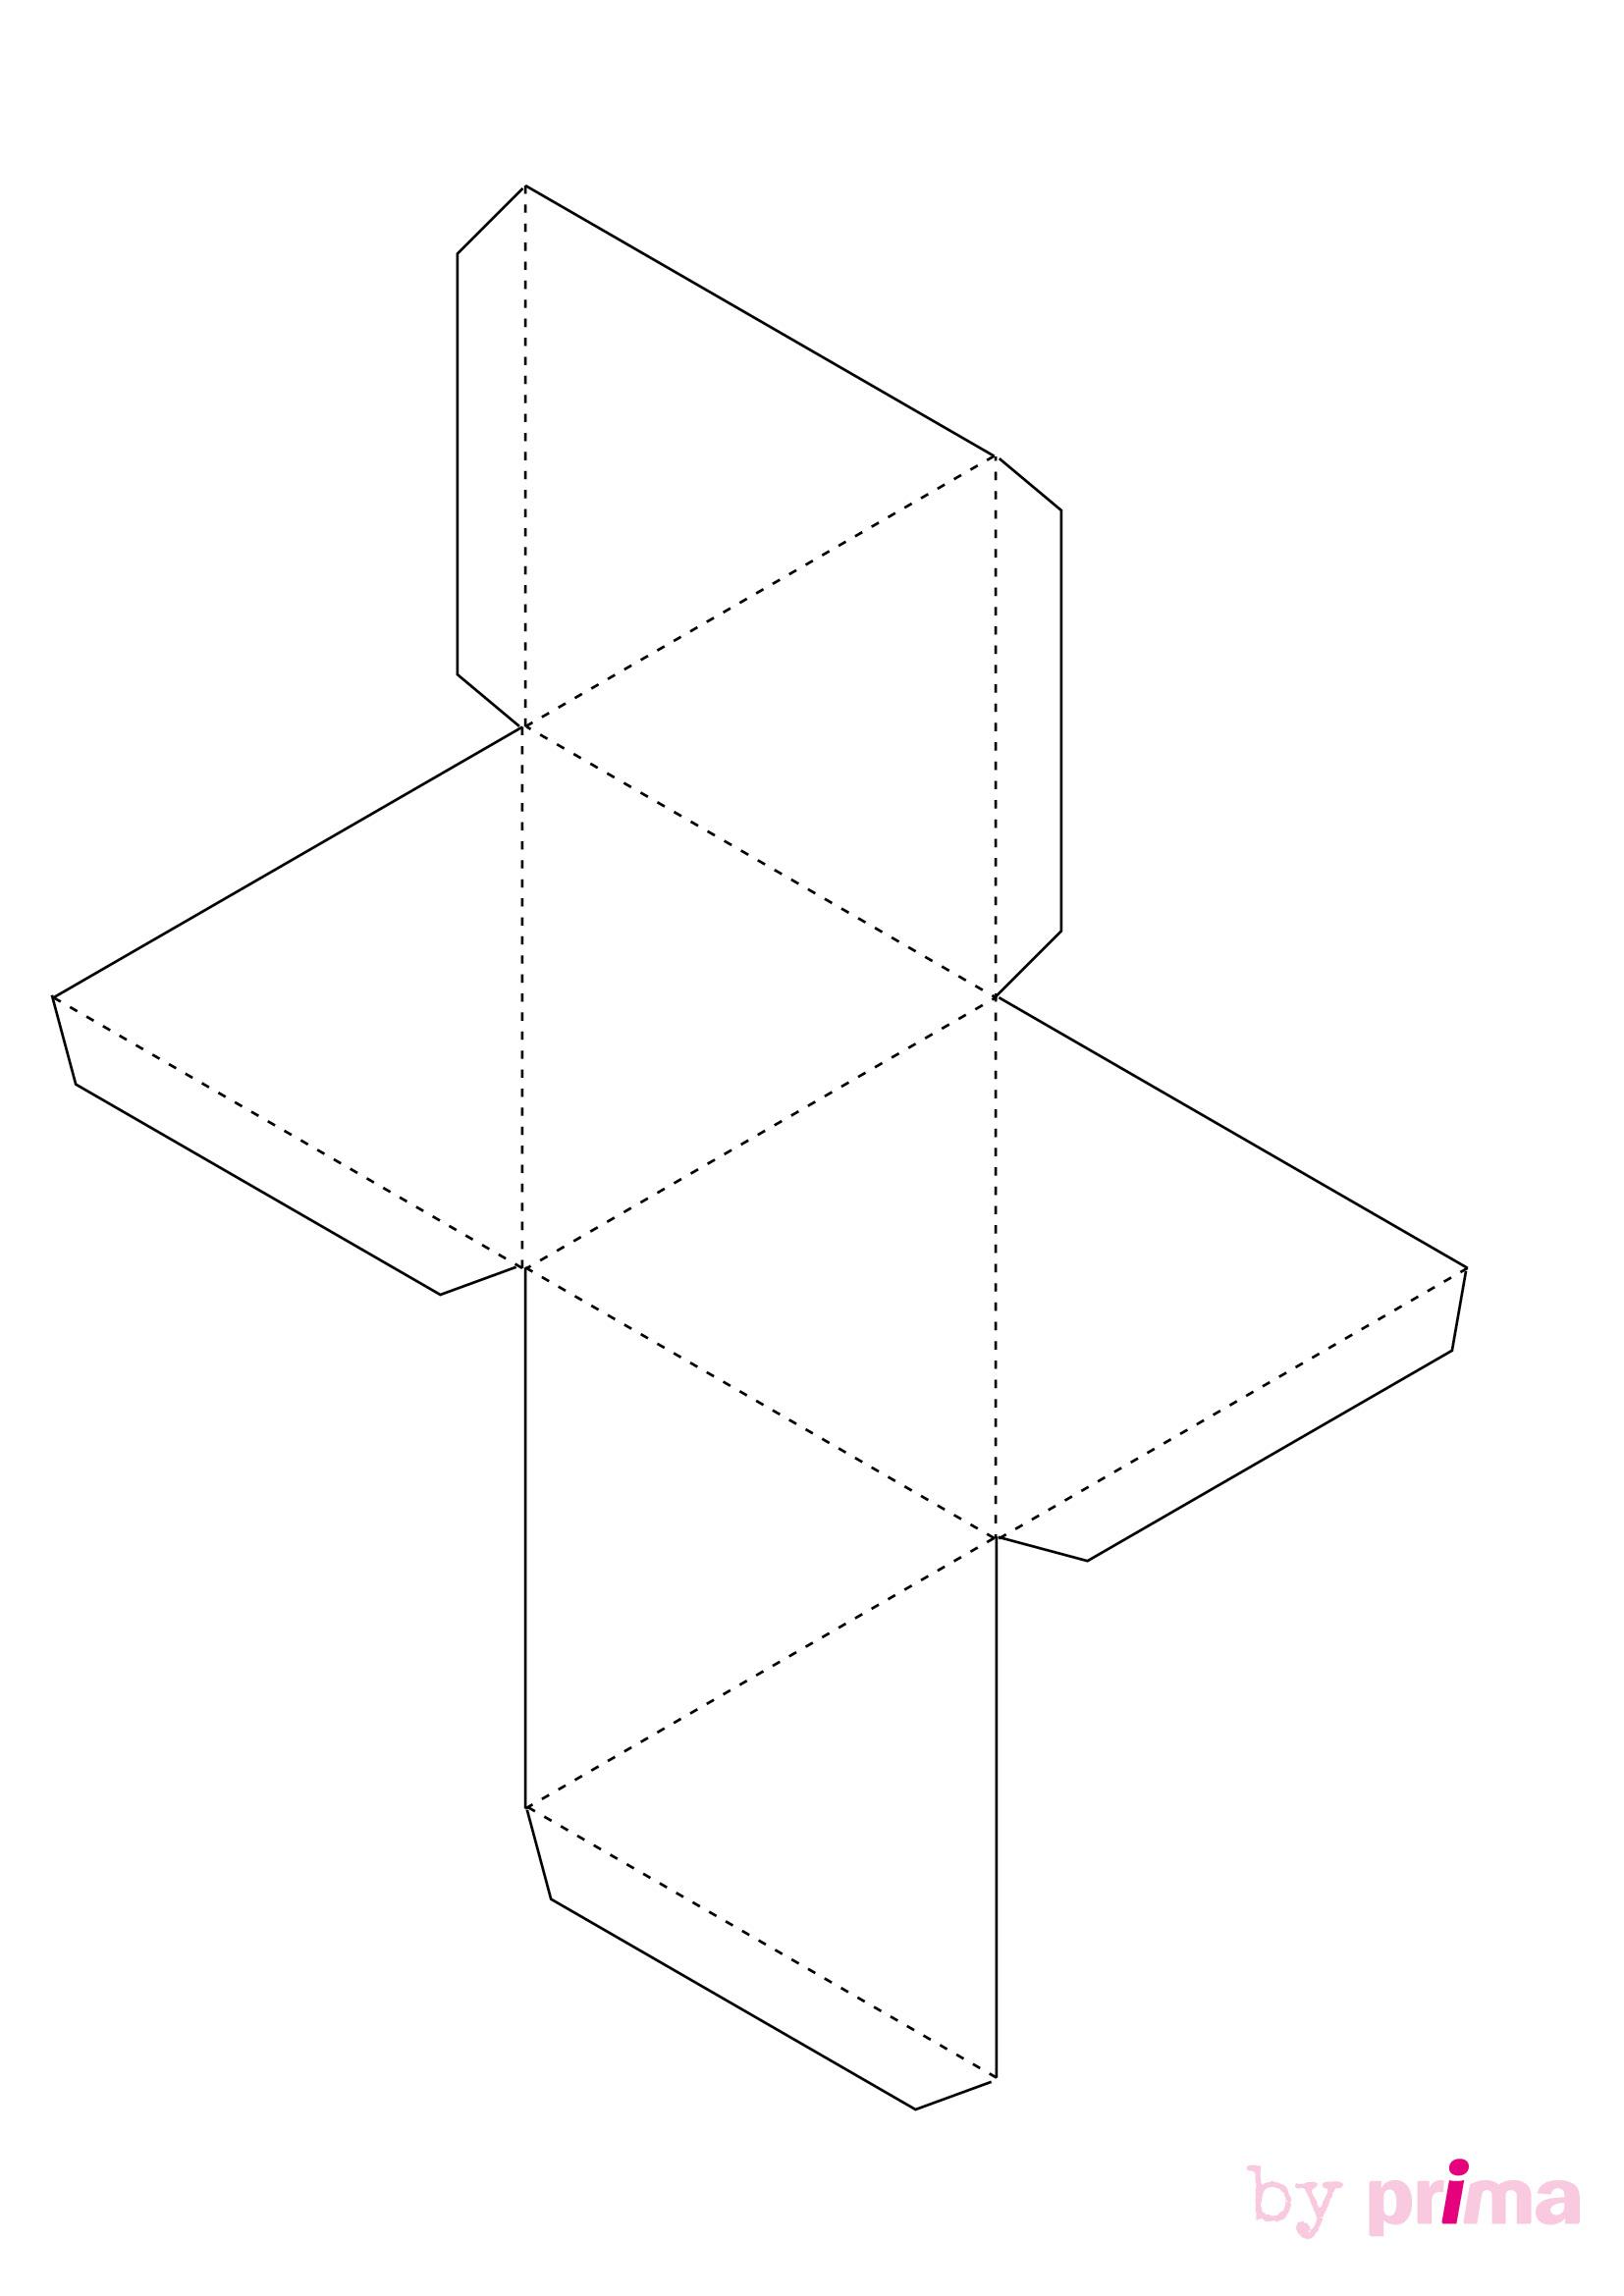 Décoration En Papier : Formes En 3D À Imprimer Gratuitement pour Patron De Maison En Papier A Imprimer